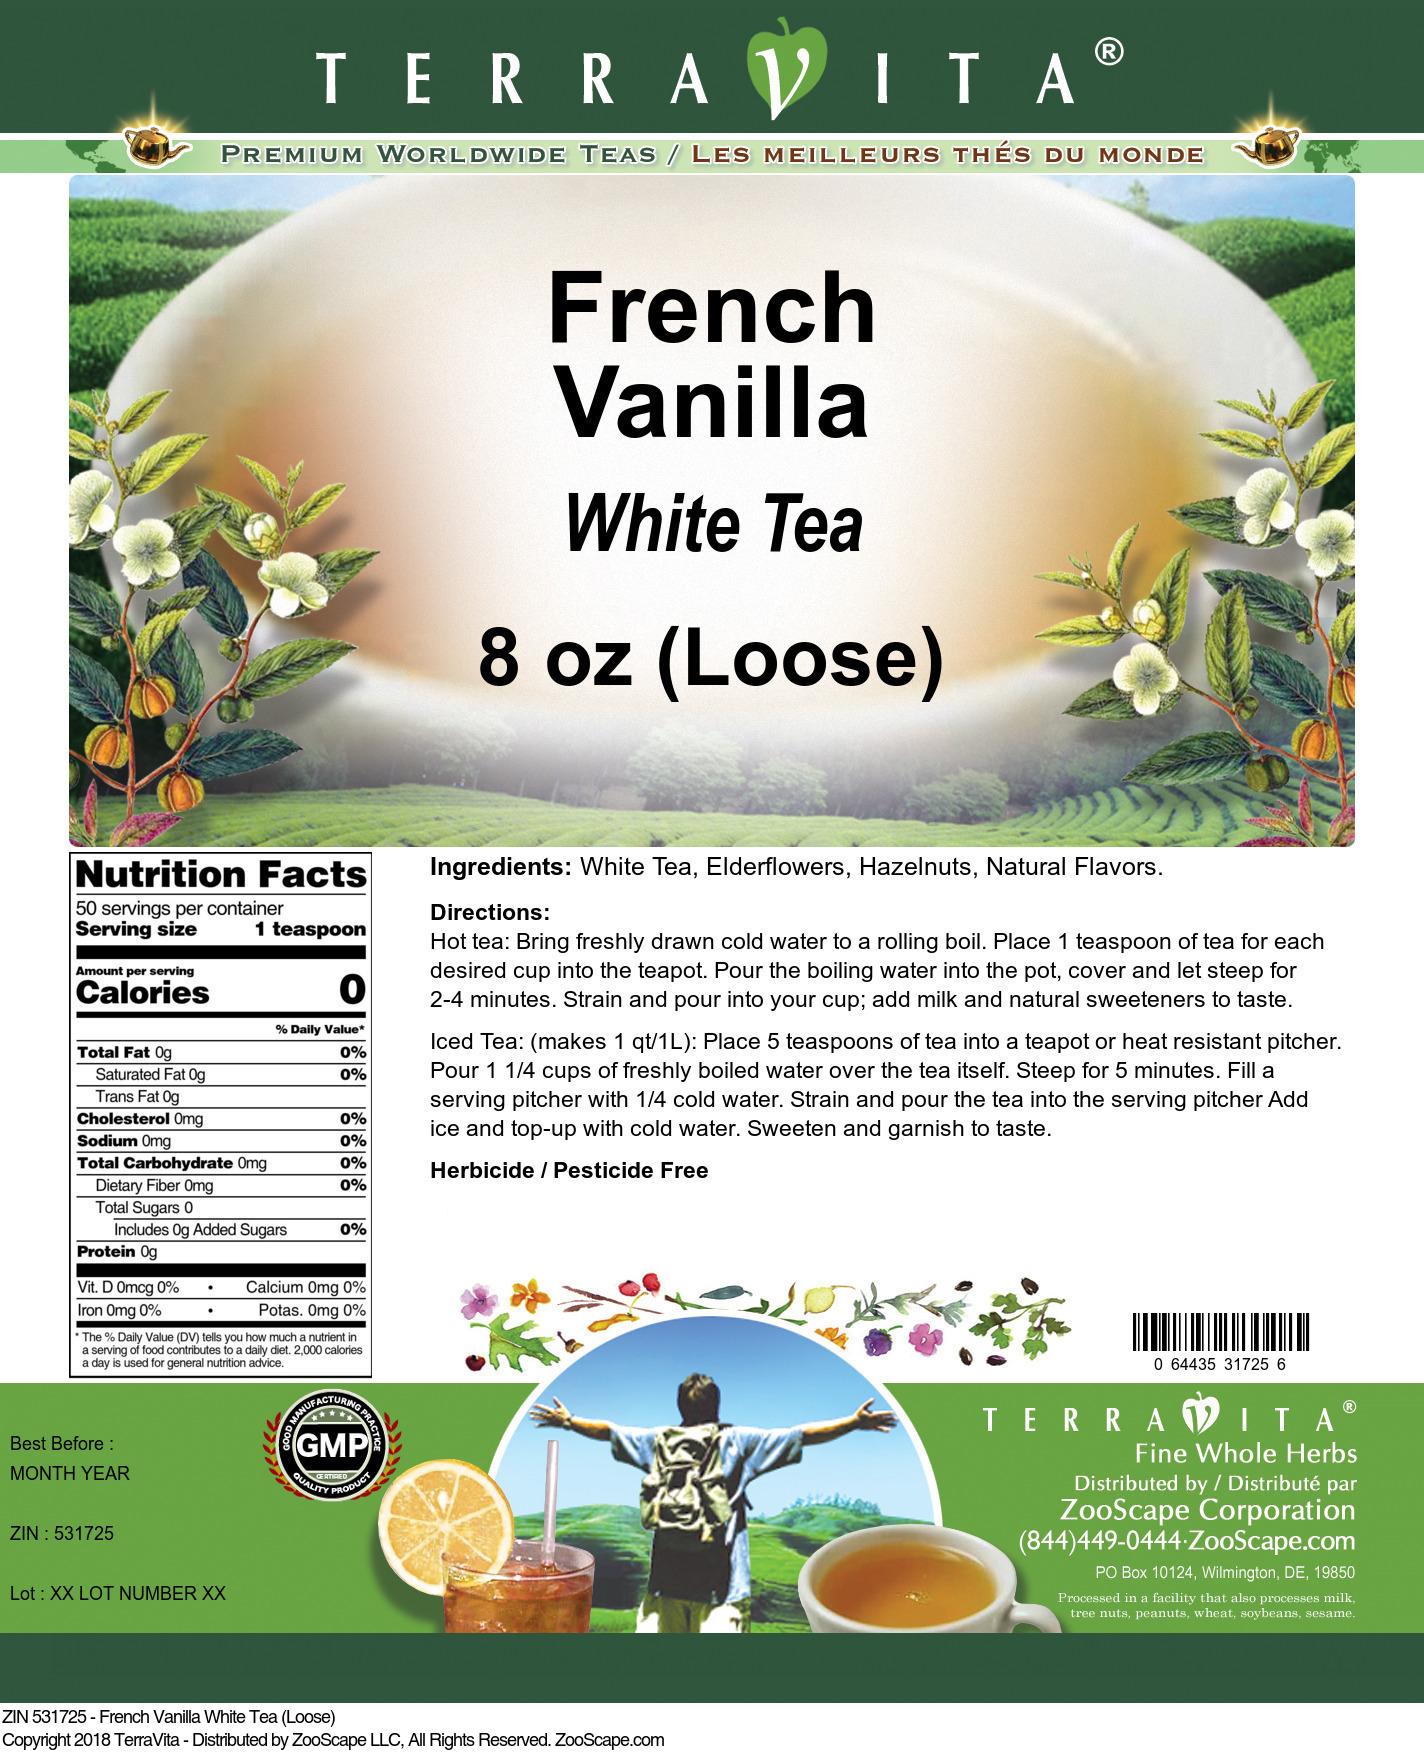 French Vanilla White Tea (Loose)